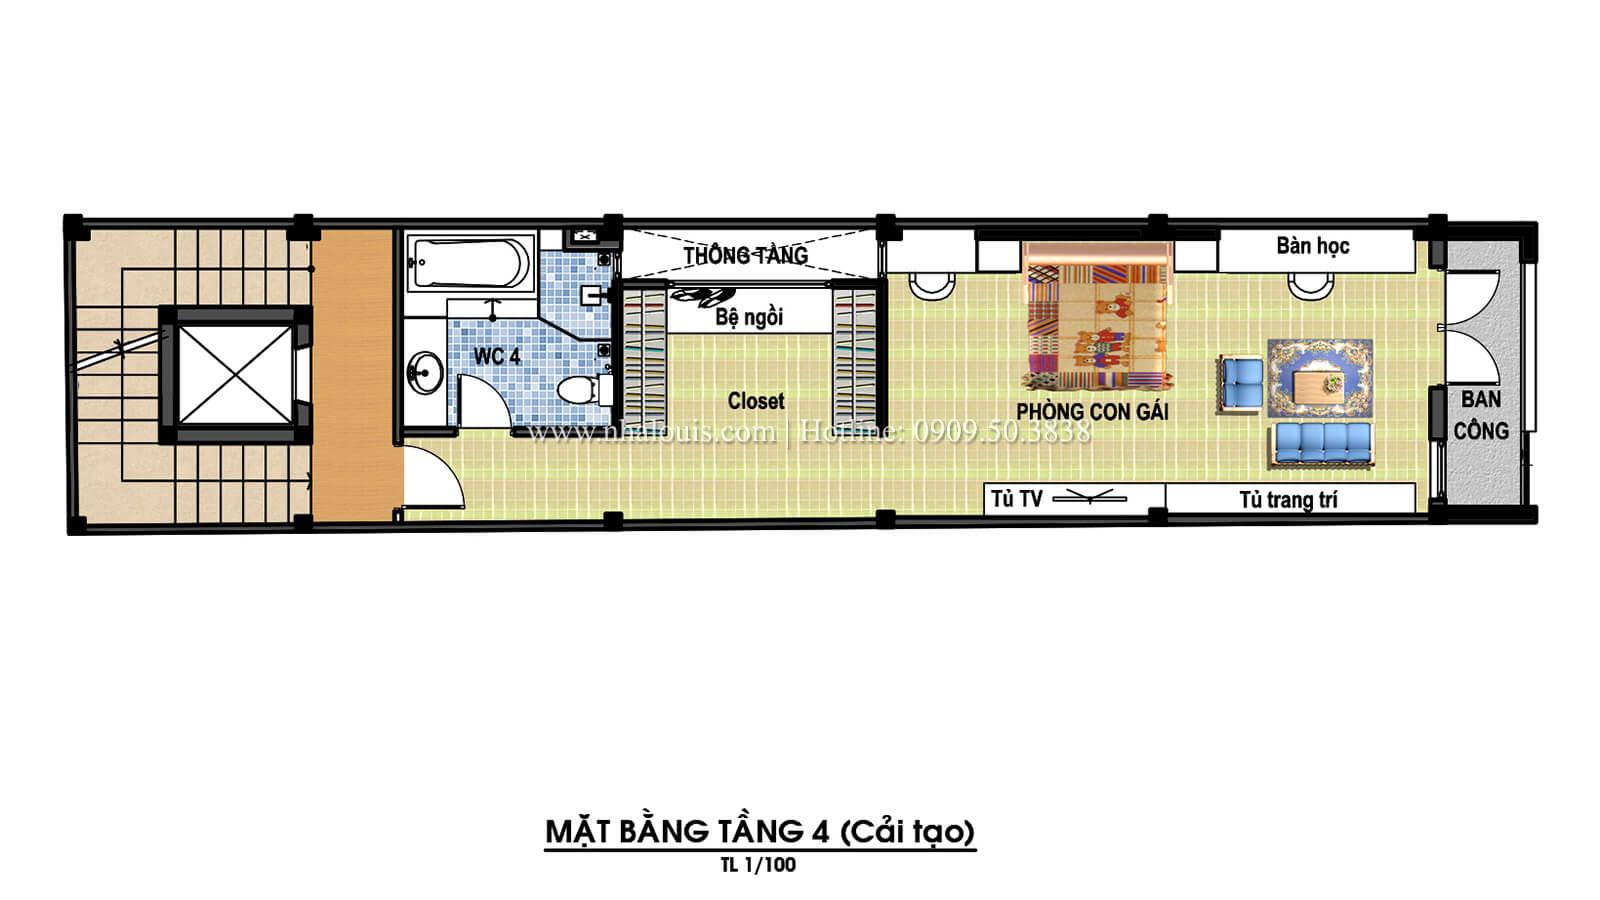 Mặt bằng tầng 4 Thiết kế cải tạo nhà phố 6 tầng chuẩn tinh tế tại Quận 11 - 08